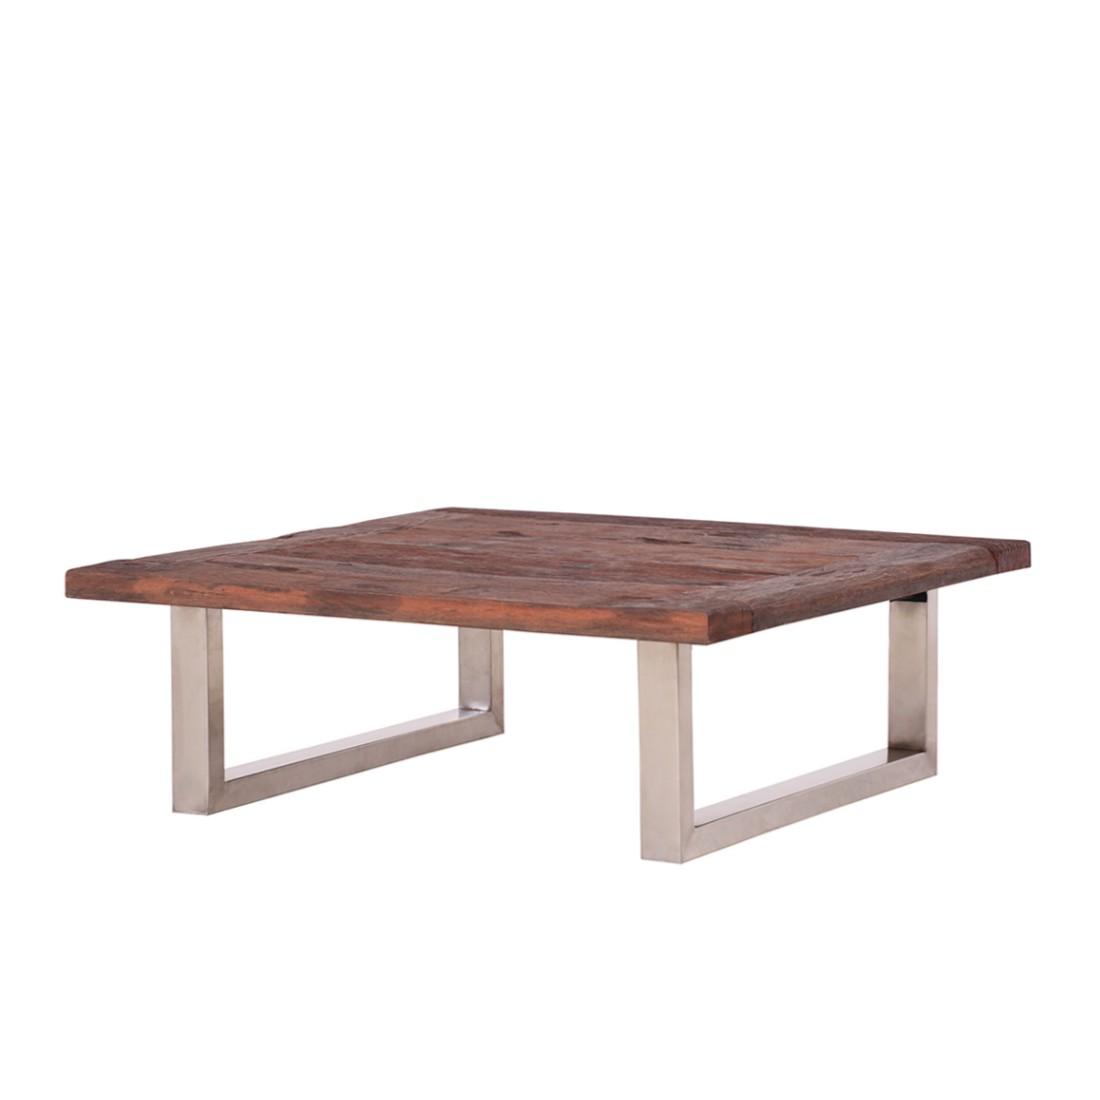 Divano da salotto Balance - 100% legno antico marrone non trattato, ars manufacti